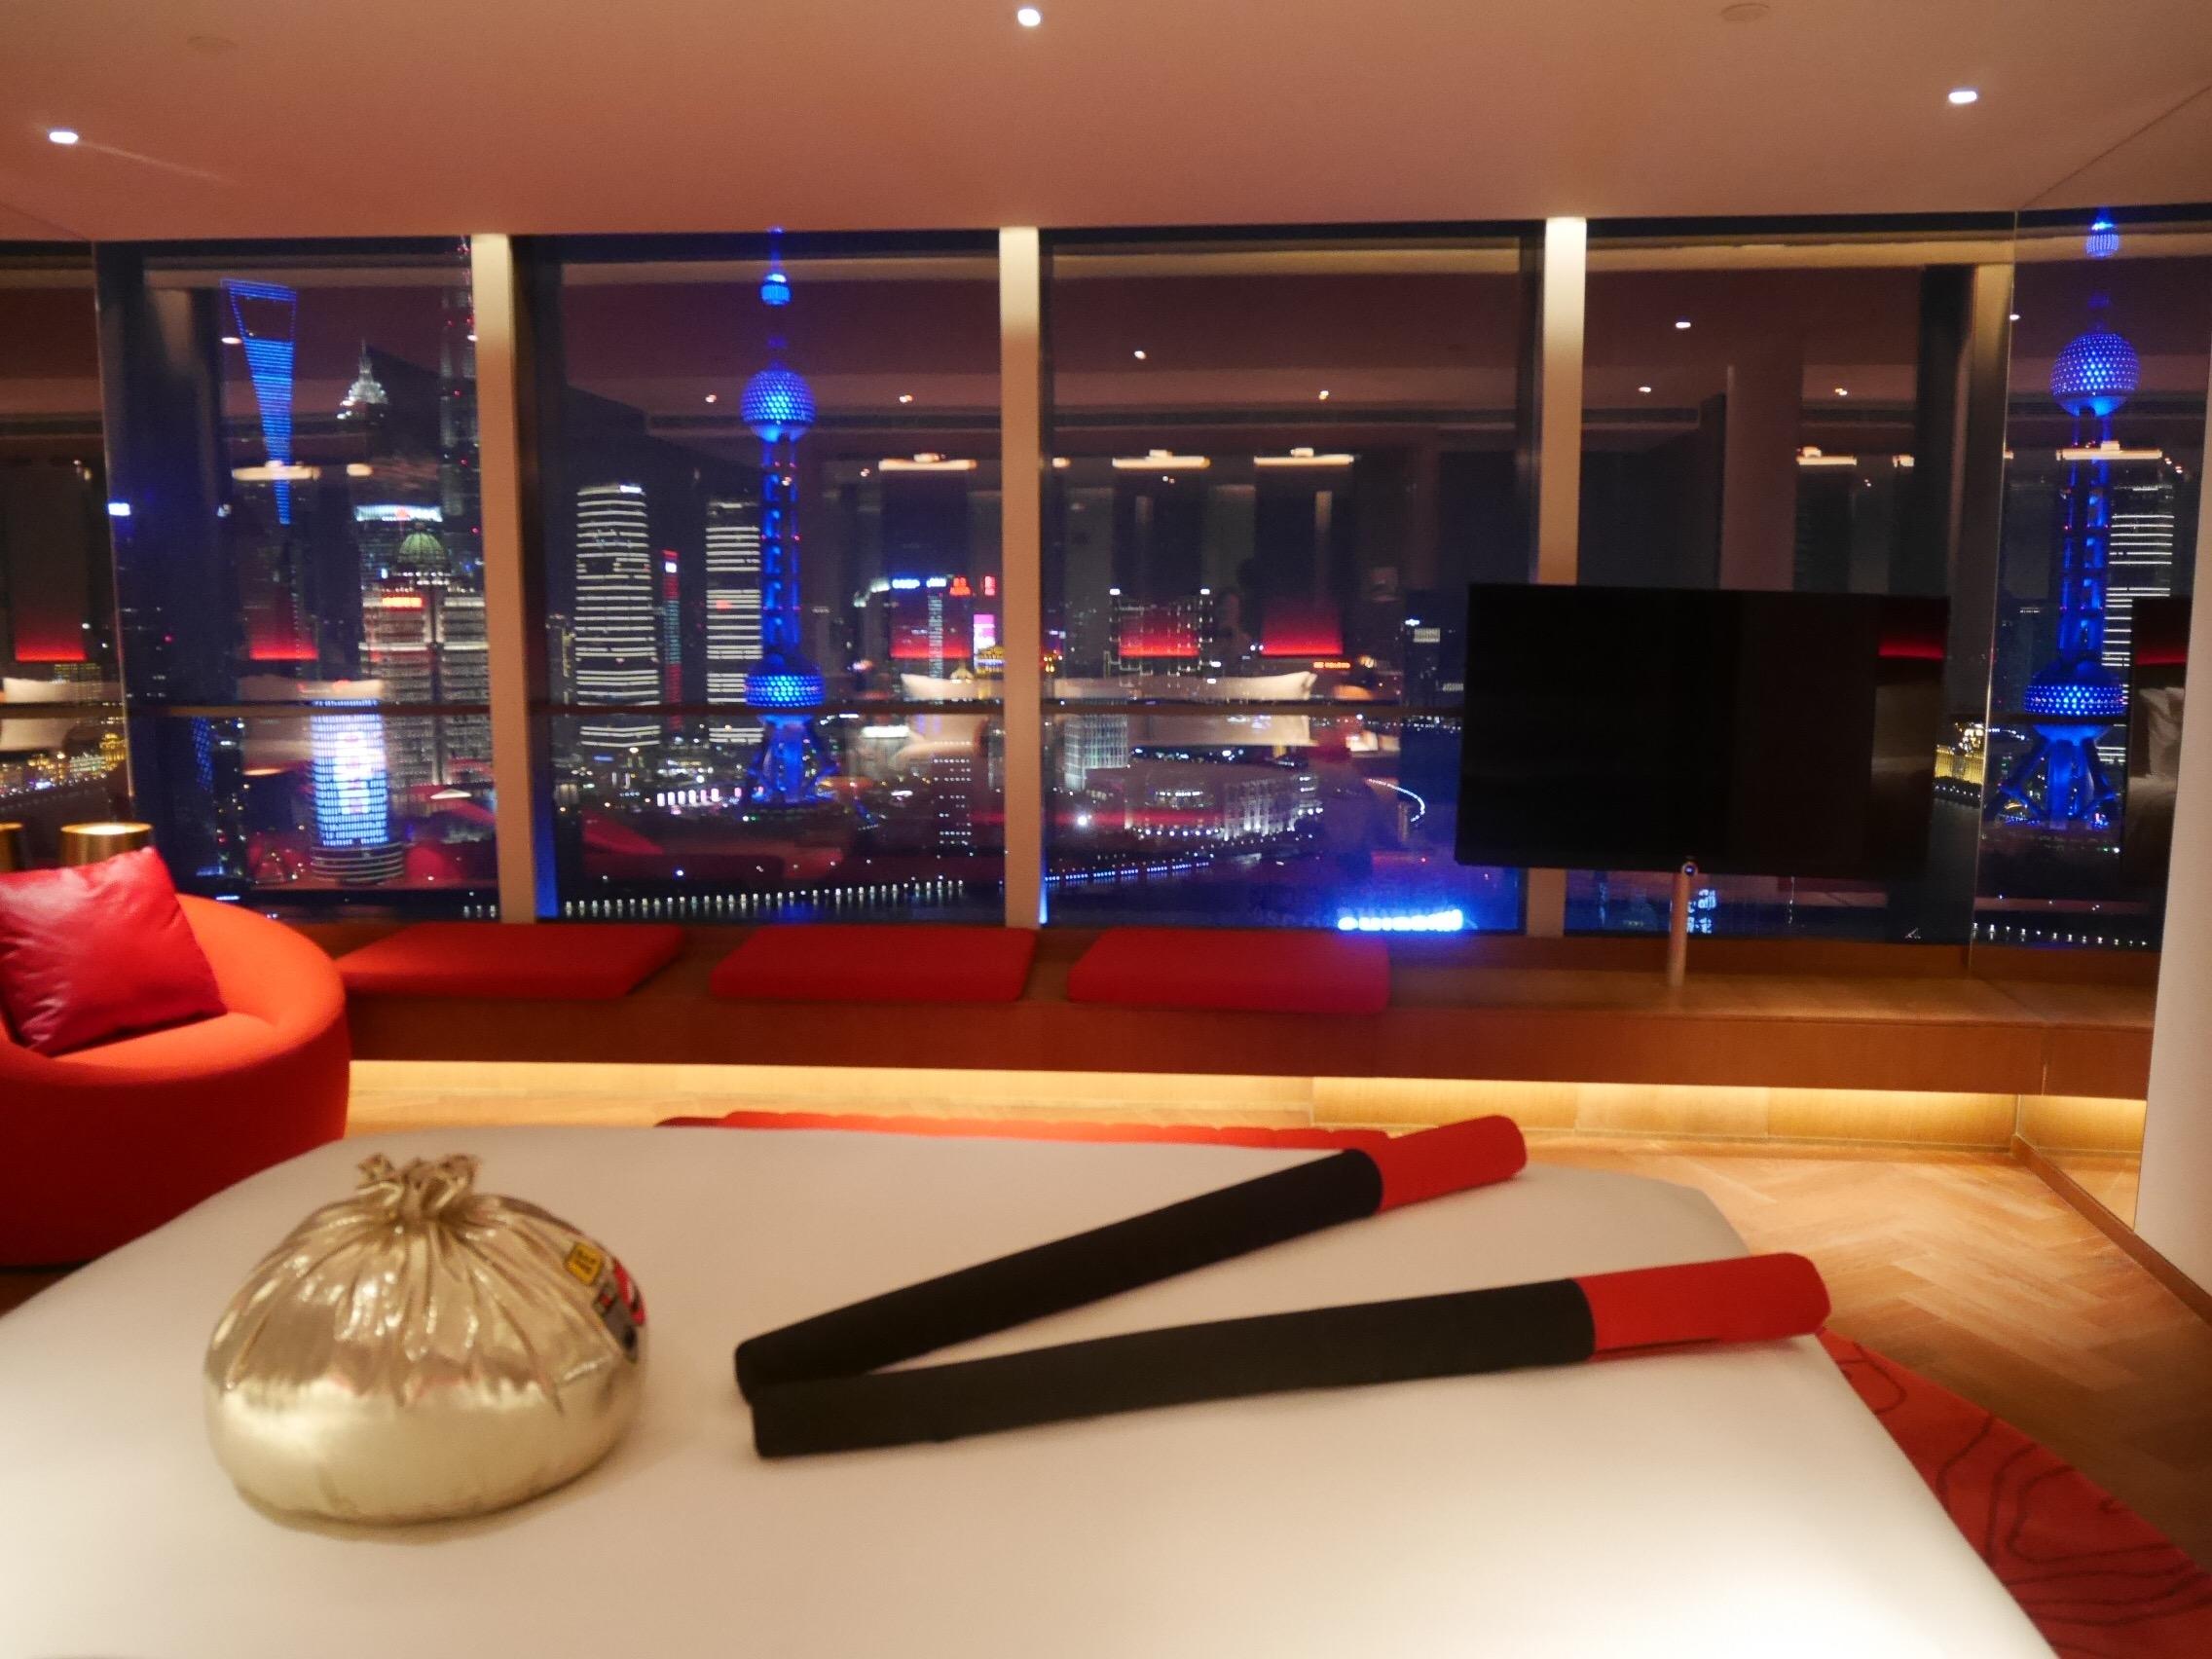 img 6878 - W HOTEL - 上海No.1の景色を楽しむホテル